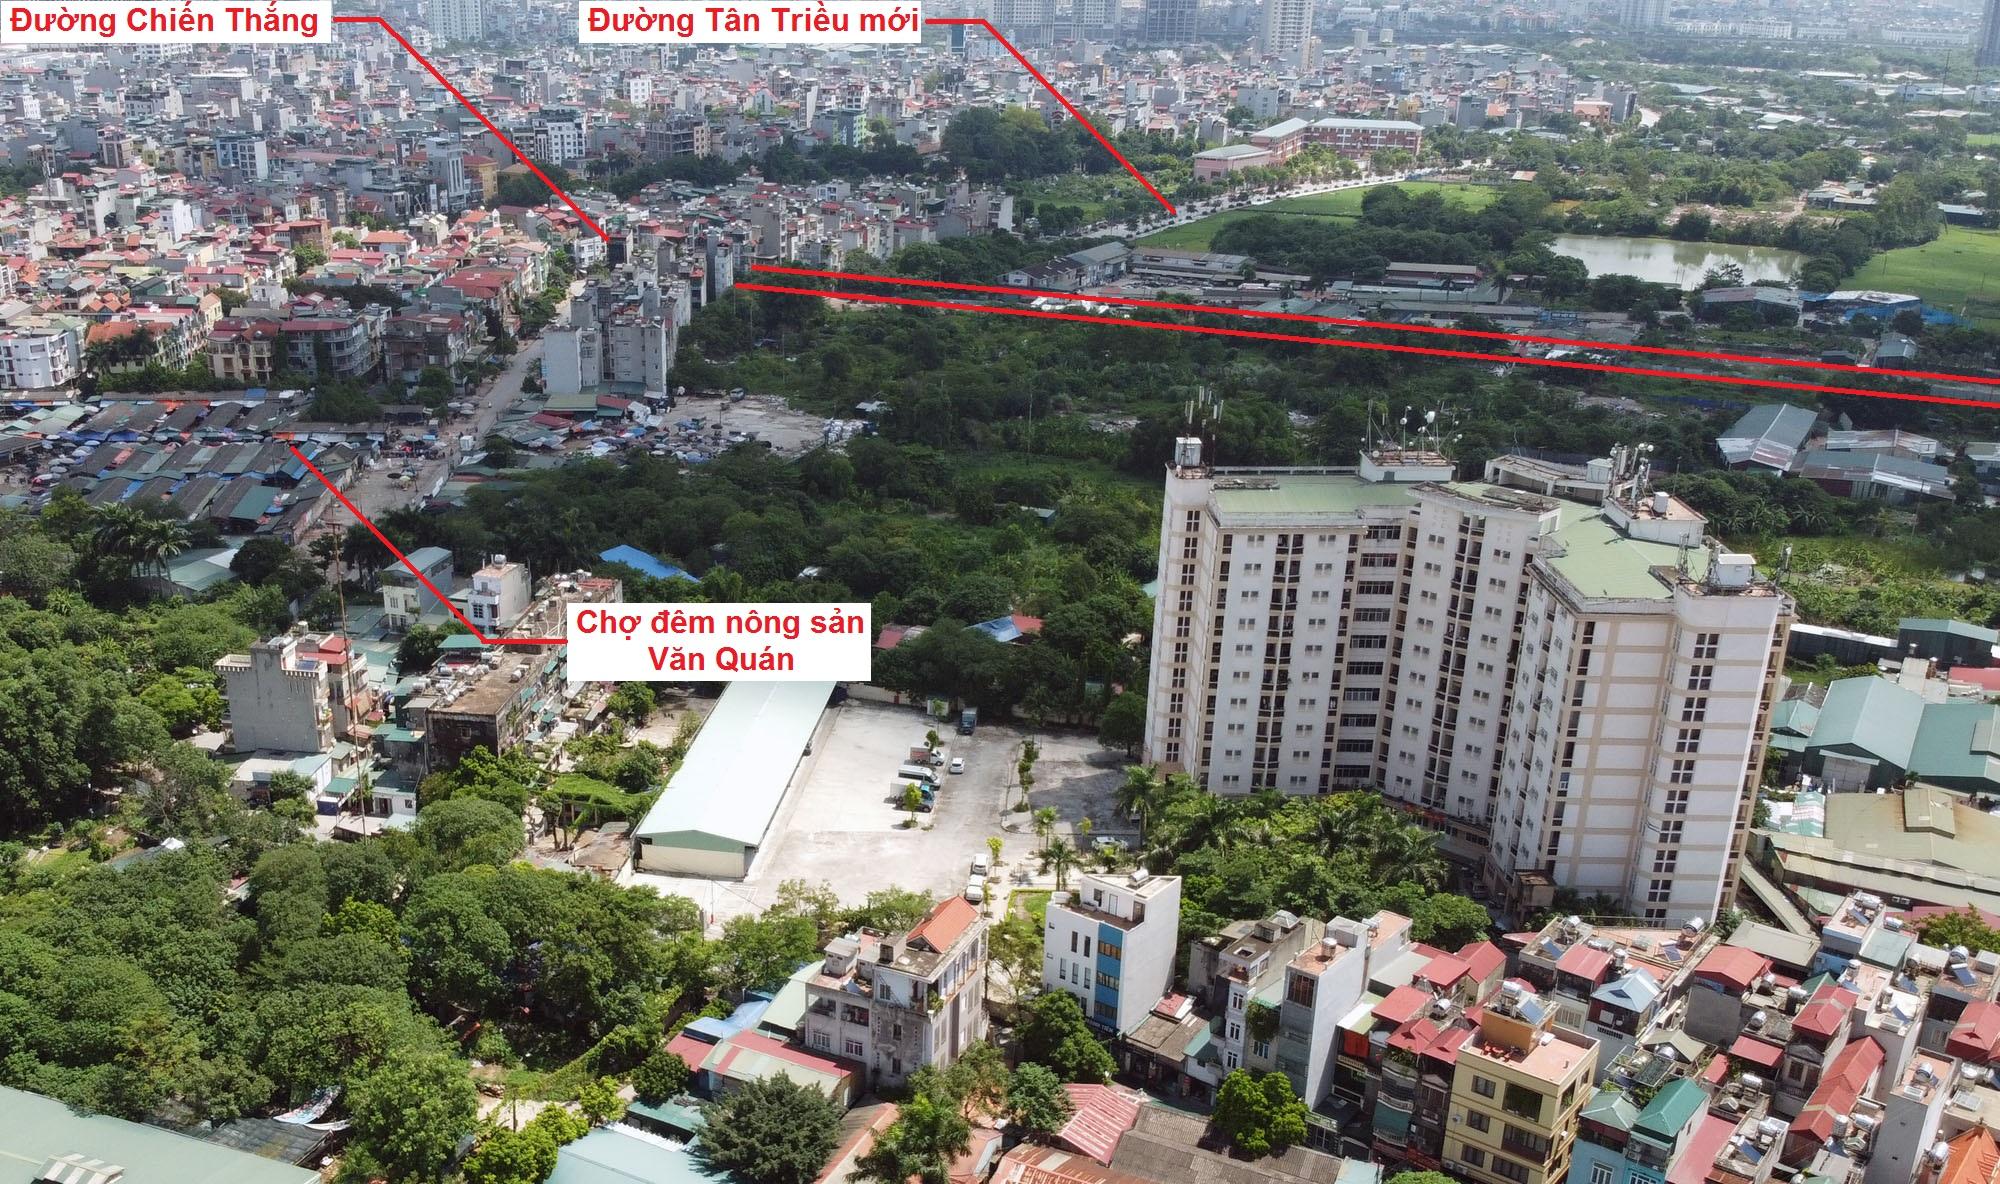 Ba đường sẽ mở theo quy hoạch ở xã Tân Triều, Thanh Trì, Hà Nội - Ảnh 13.